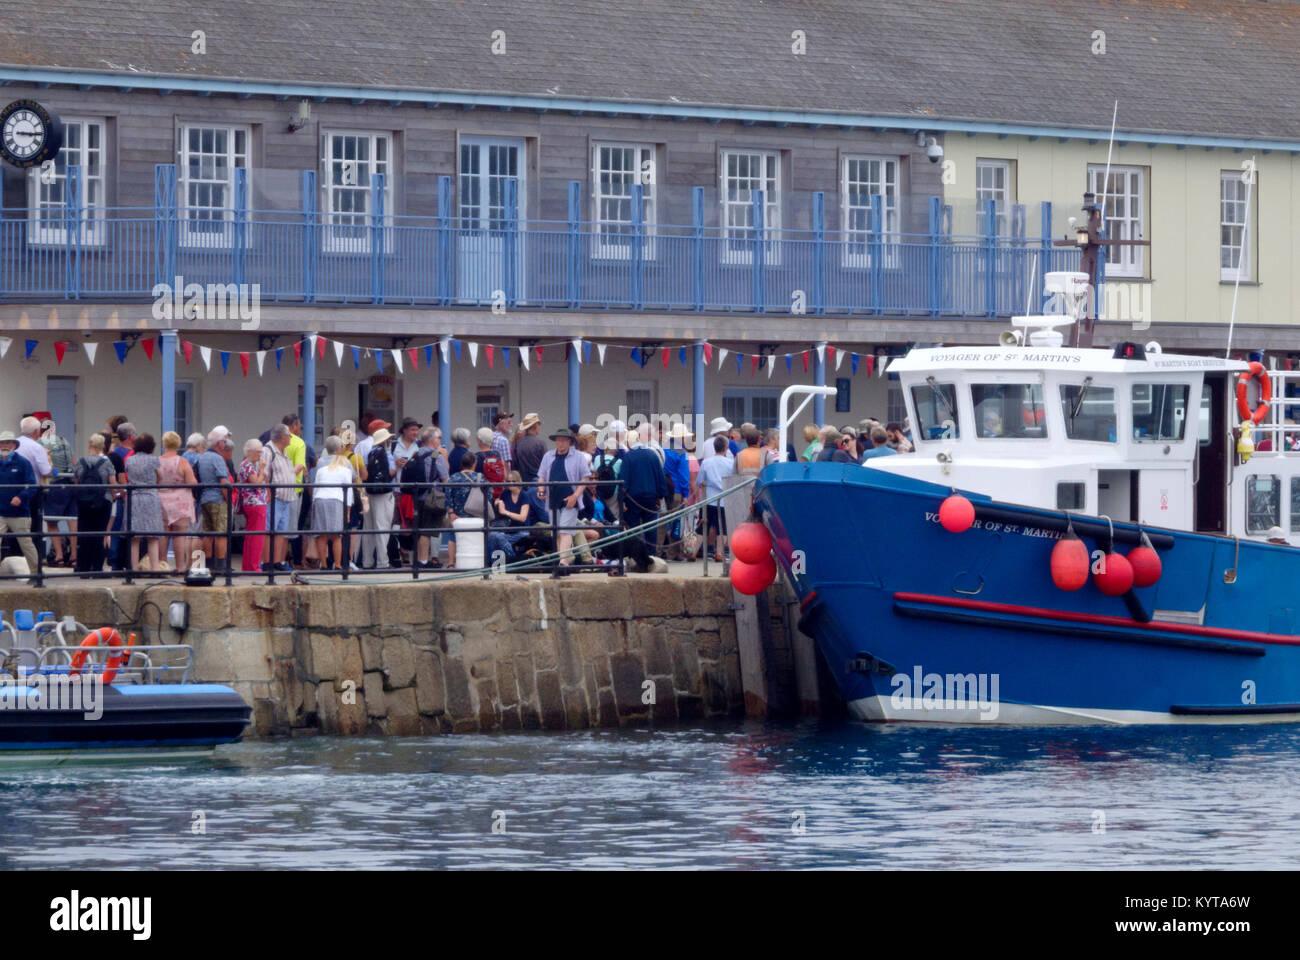 Seniors caucasica accodamento in Hugh Town Harbour Quay per imbarcarsi sul traghetto per passeggeri, Hugh Town, St Marys, isole Scilly, Cornwall, Regno Unito Foto Stock